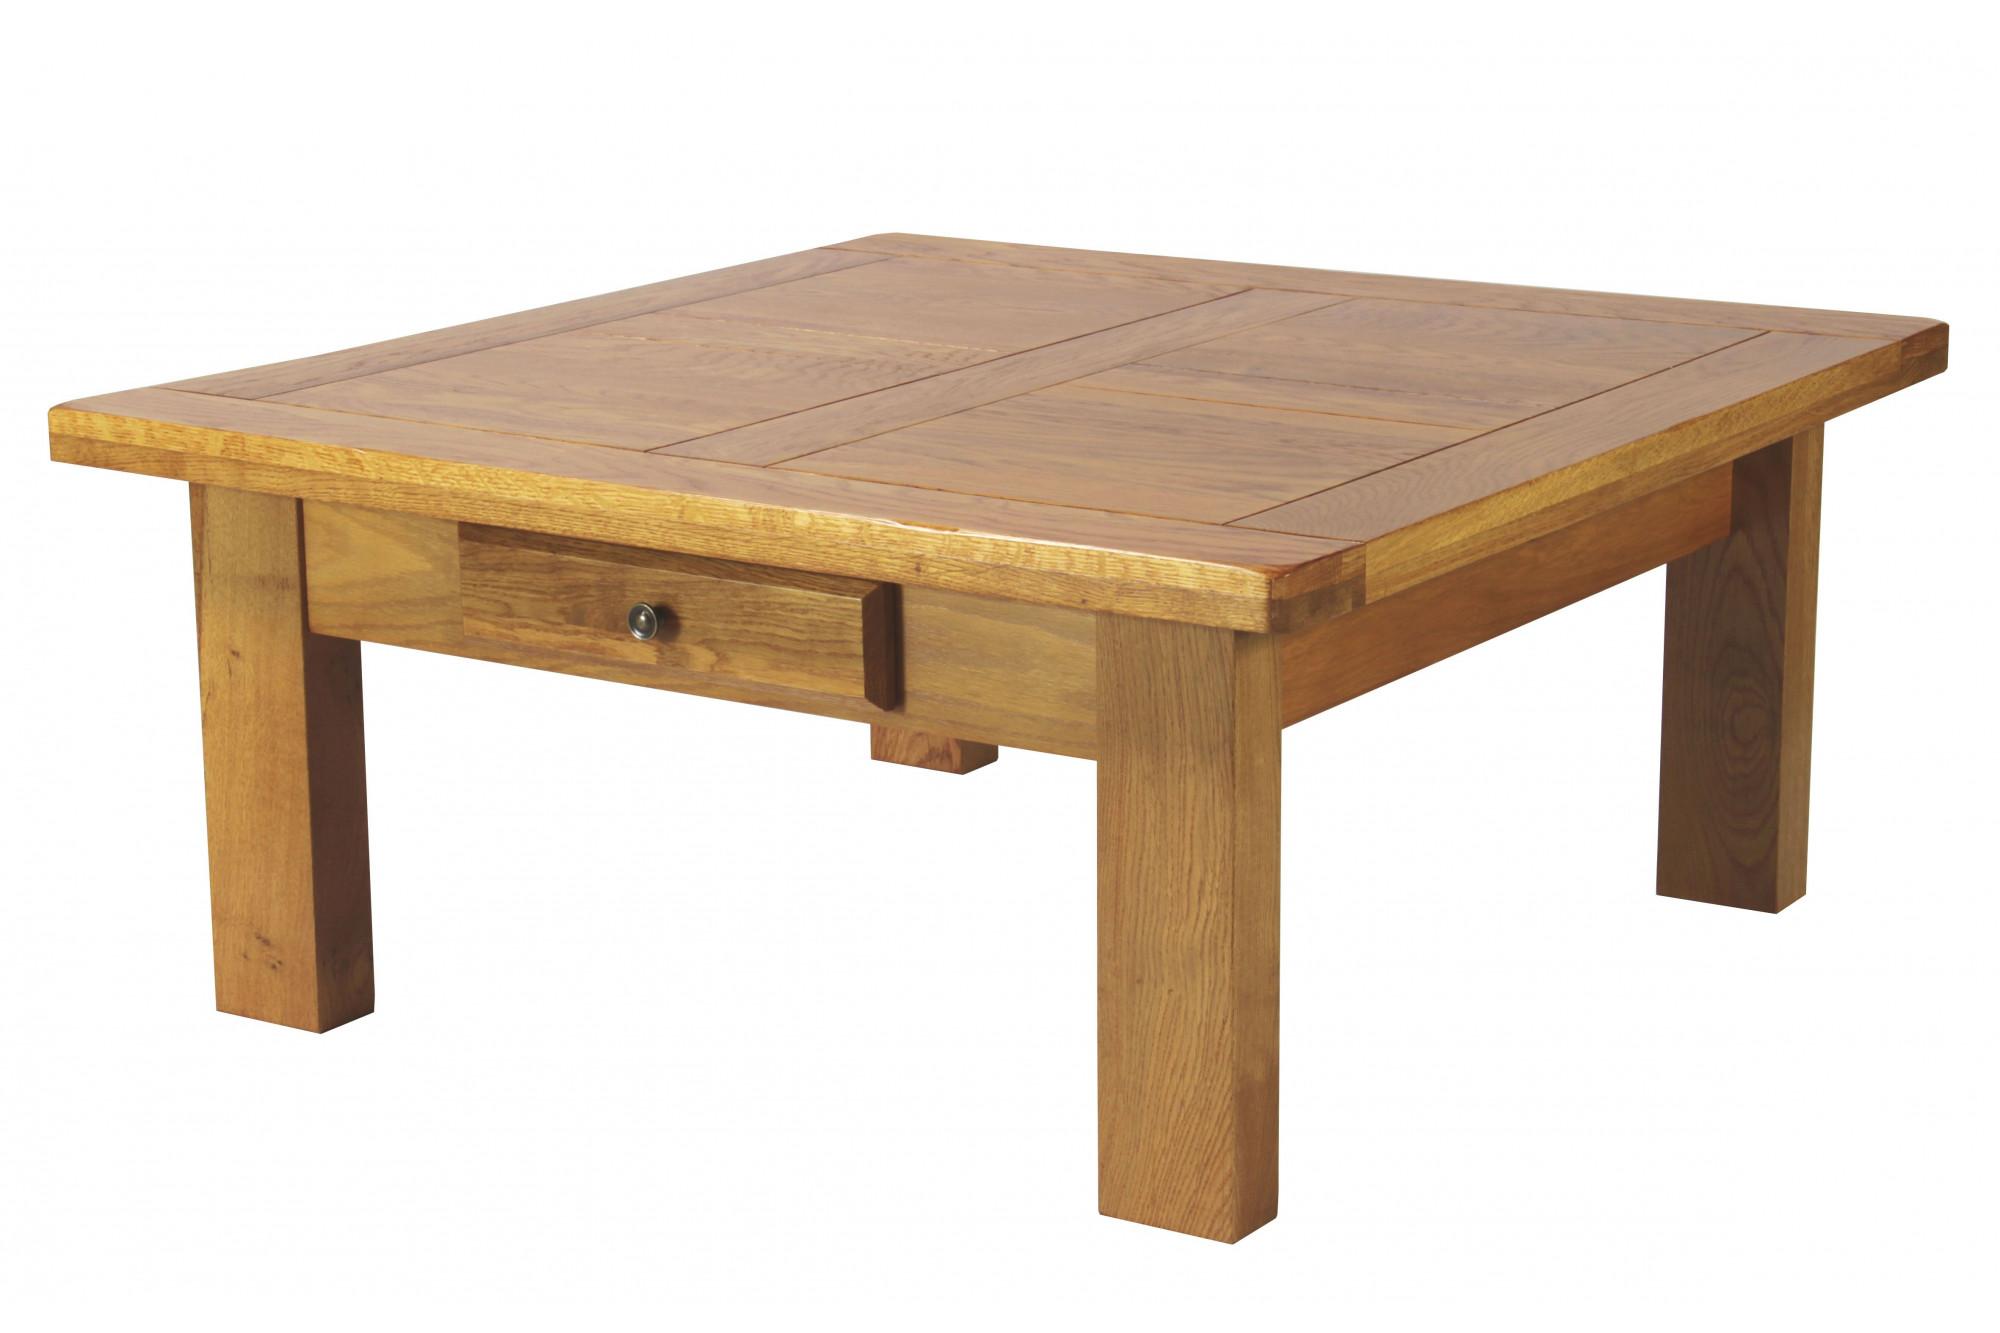 Table basse bresse La bresse Table La basse carrée carrée kZuXTiOP